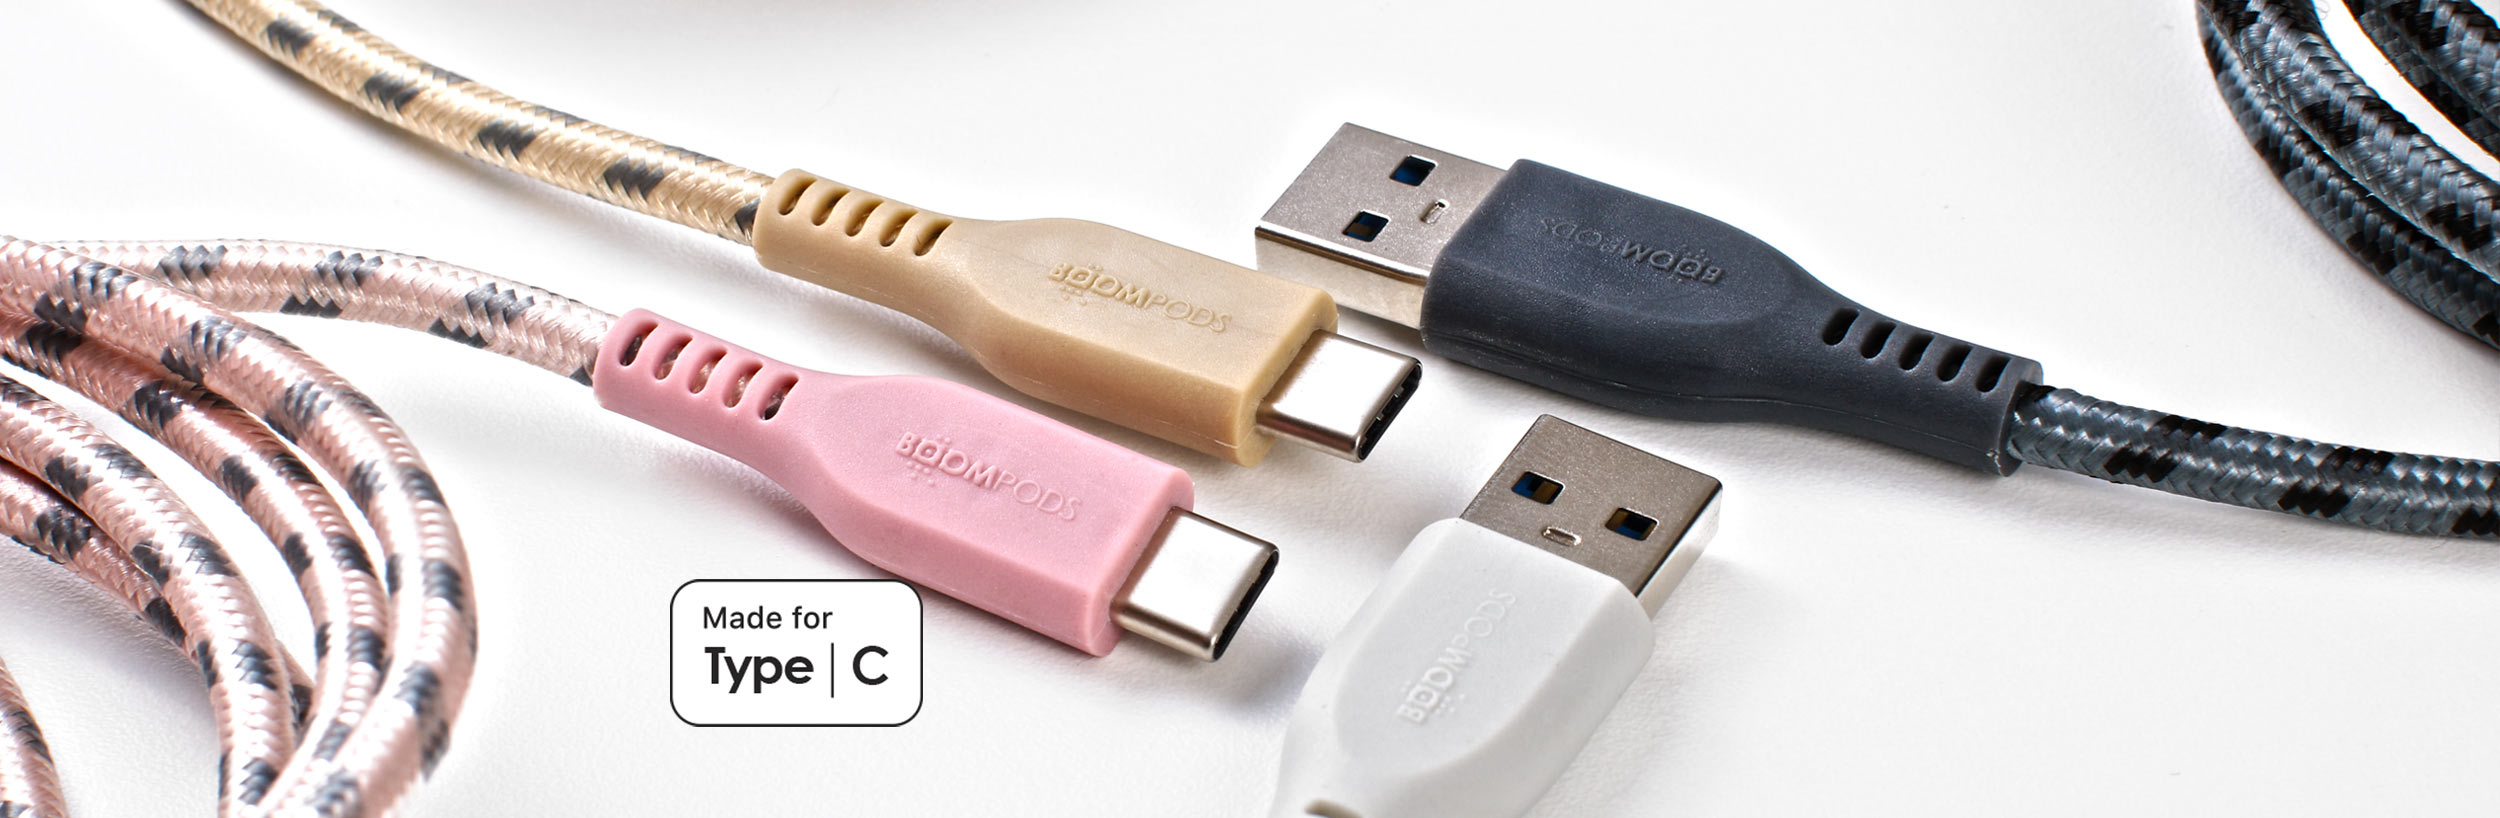 Boompods Retro Armour USB-C to USB-A Cable